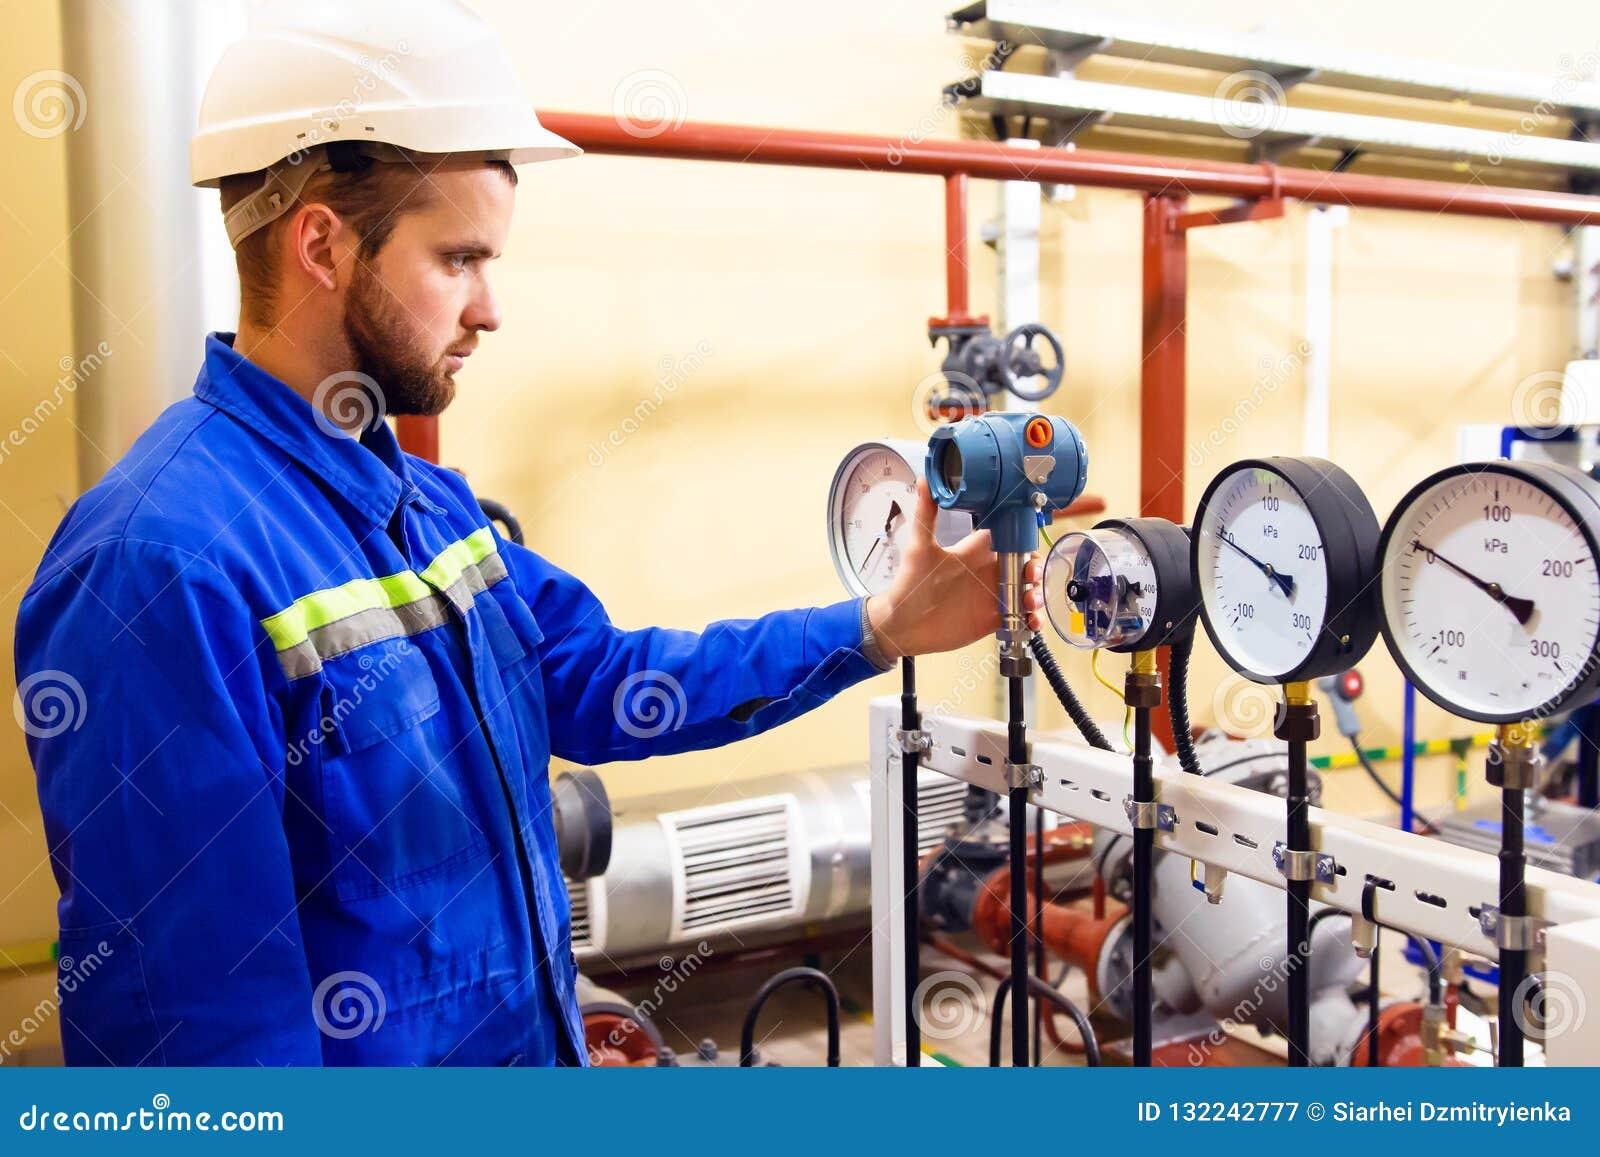 Работник техника на проверках рафинадного завода нефти и газ давит манометры